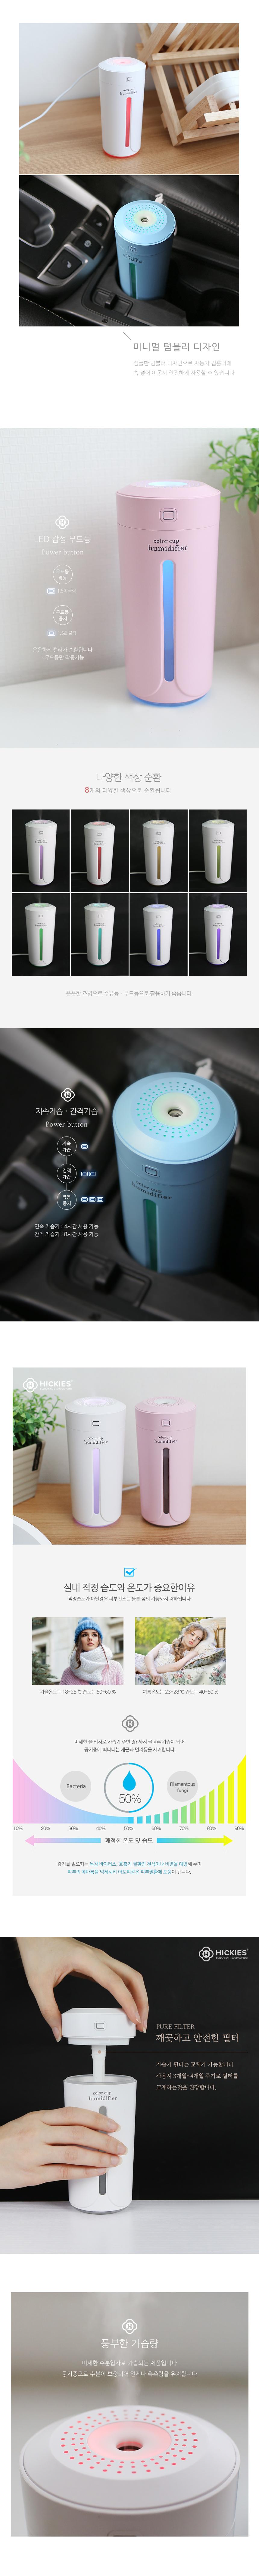 텀블러디자인 무드등 개인 차량용 USB가습기 Colorcup15,800원-히키스, , , 바보사랑텀블러디자인 무드등 개인 차량용 USB가습기 Colorcup15,800원-히키스, , , 바보사랑